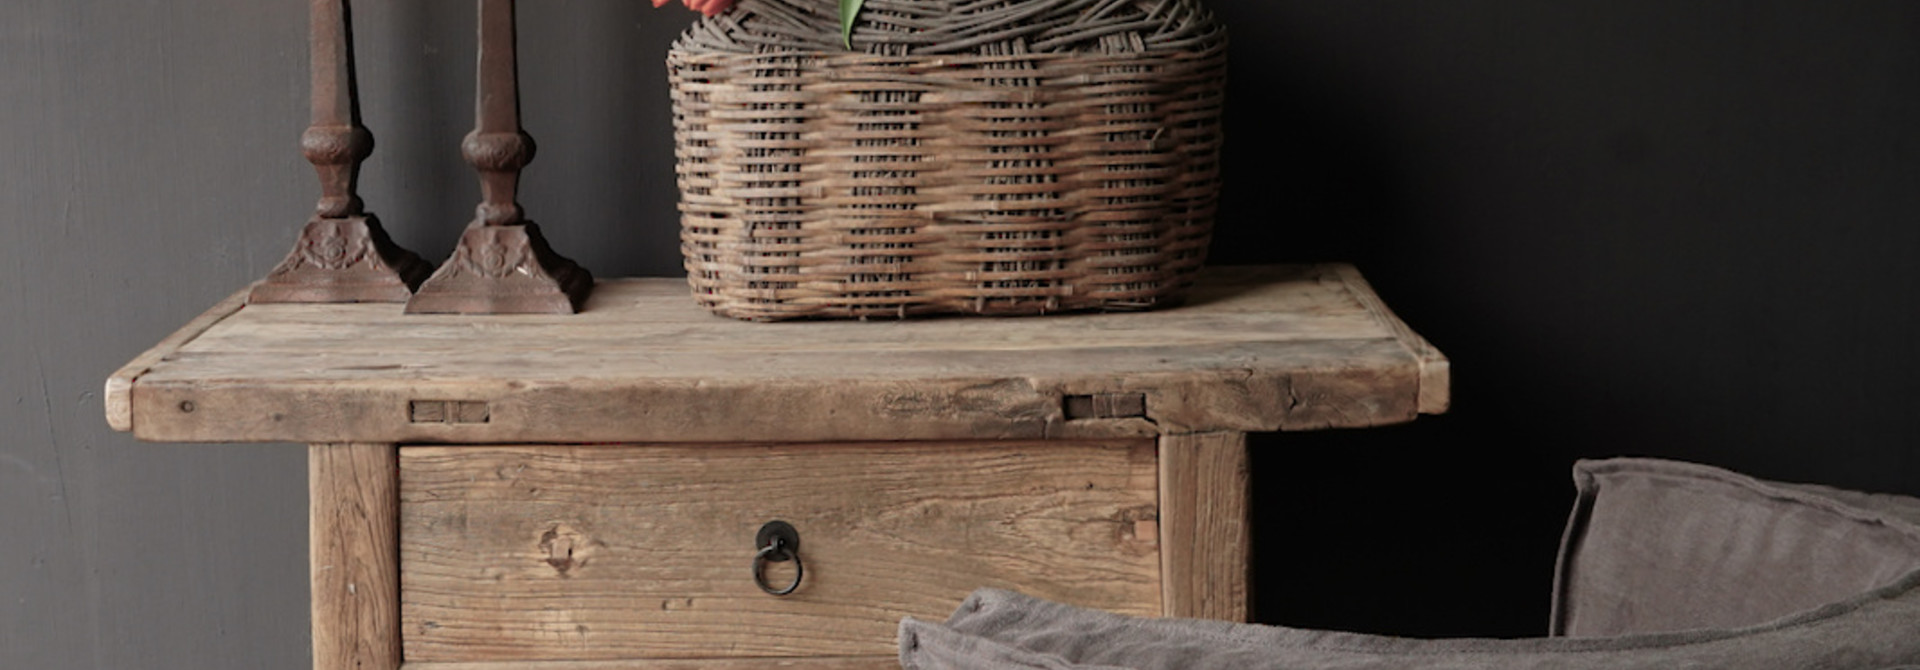 Alter Beistelltisch aus Stoer Elmwood / Ulmenholz Wandtisch mit Schublade